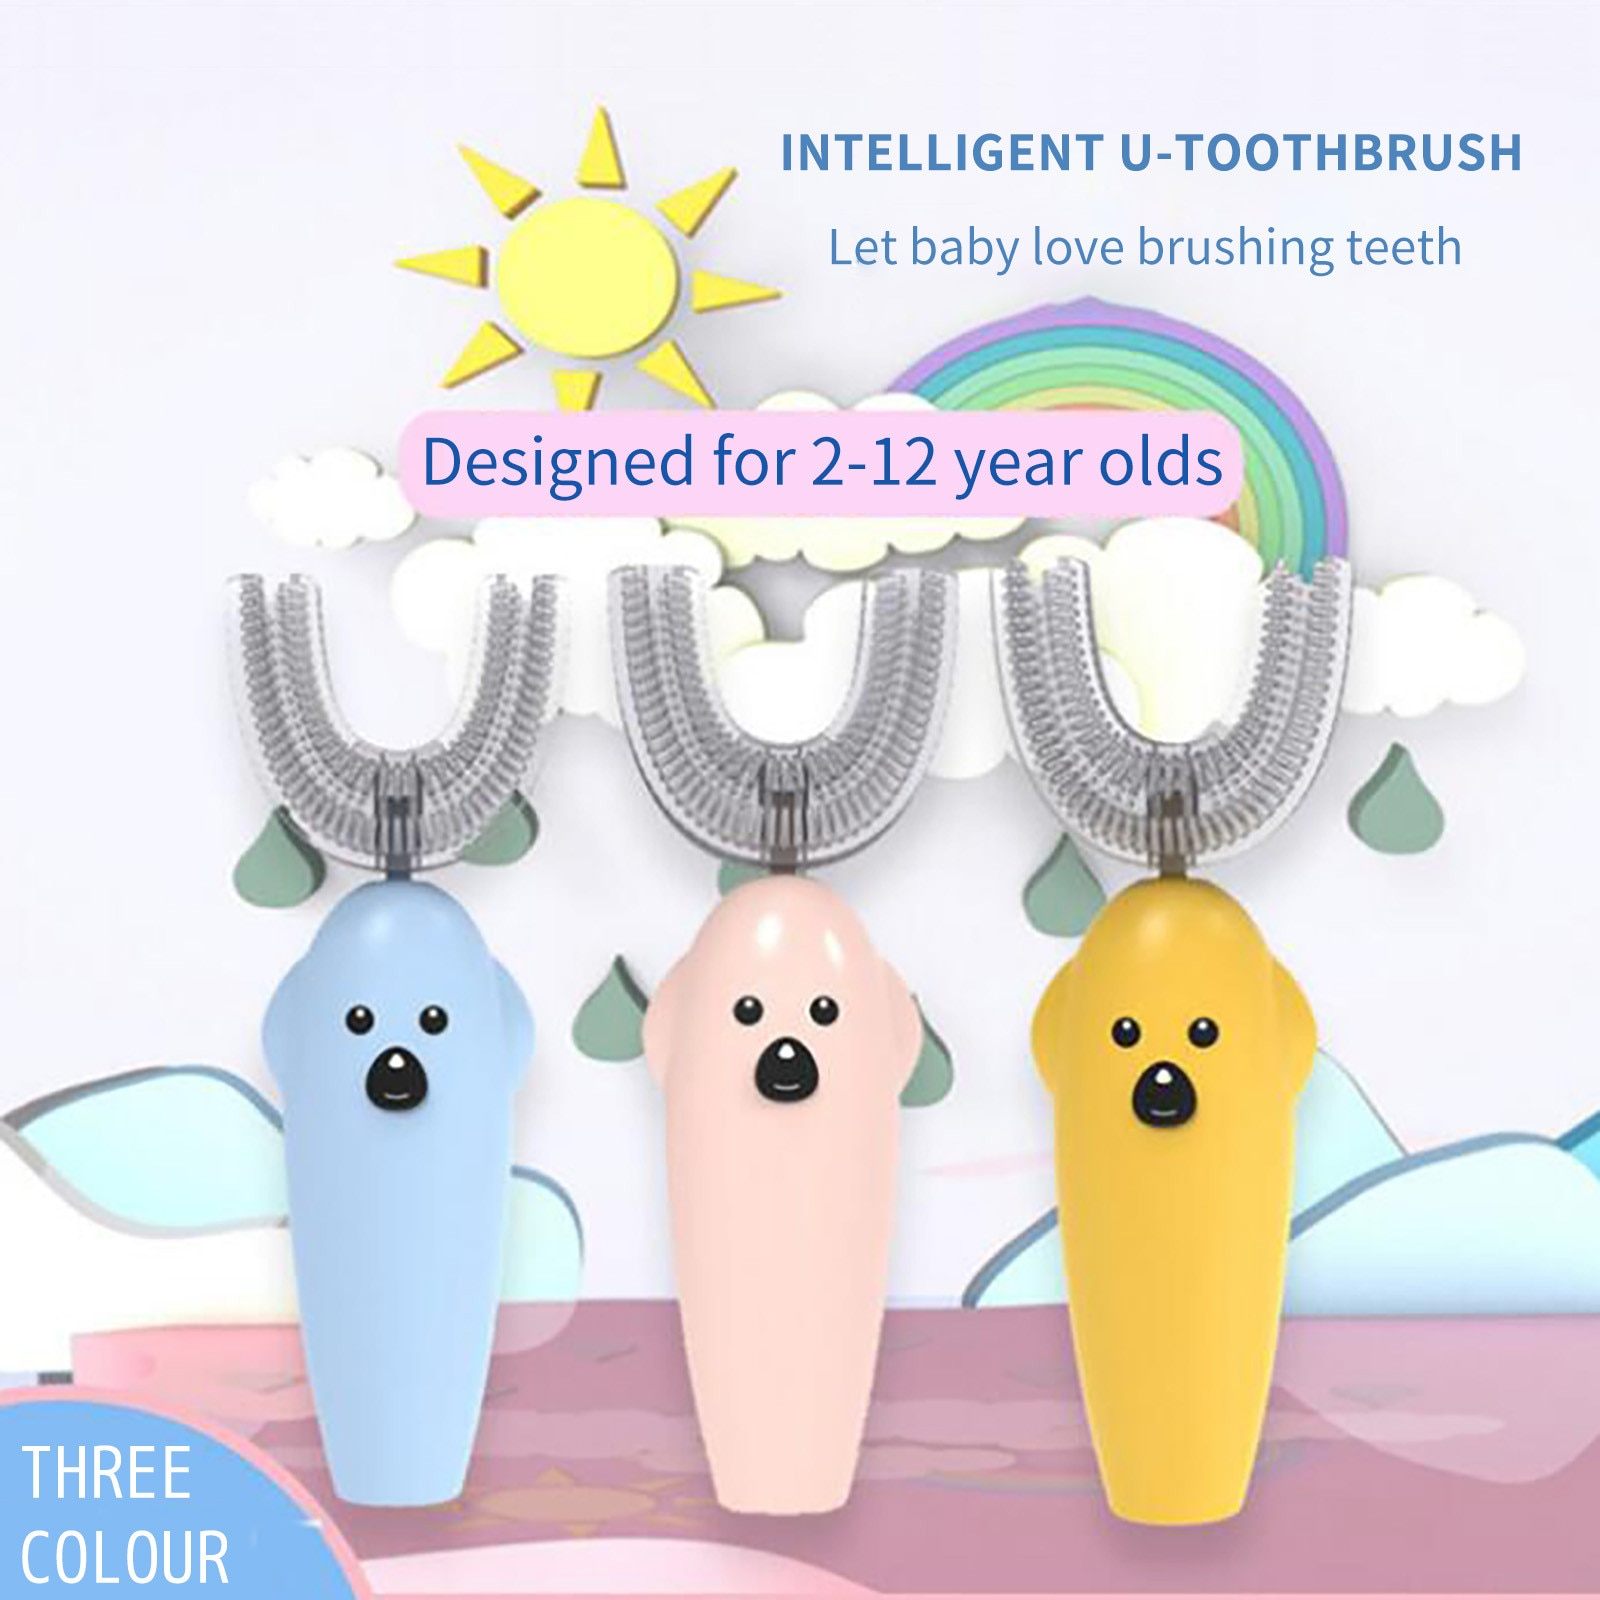 Battery Smart Electric U-type Children's Electric Toothbrush Sikat Gigi Elektrik Ultrasonik Pengisian Berus Gigi Berbentuk Anima